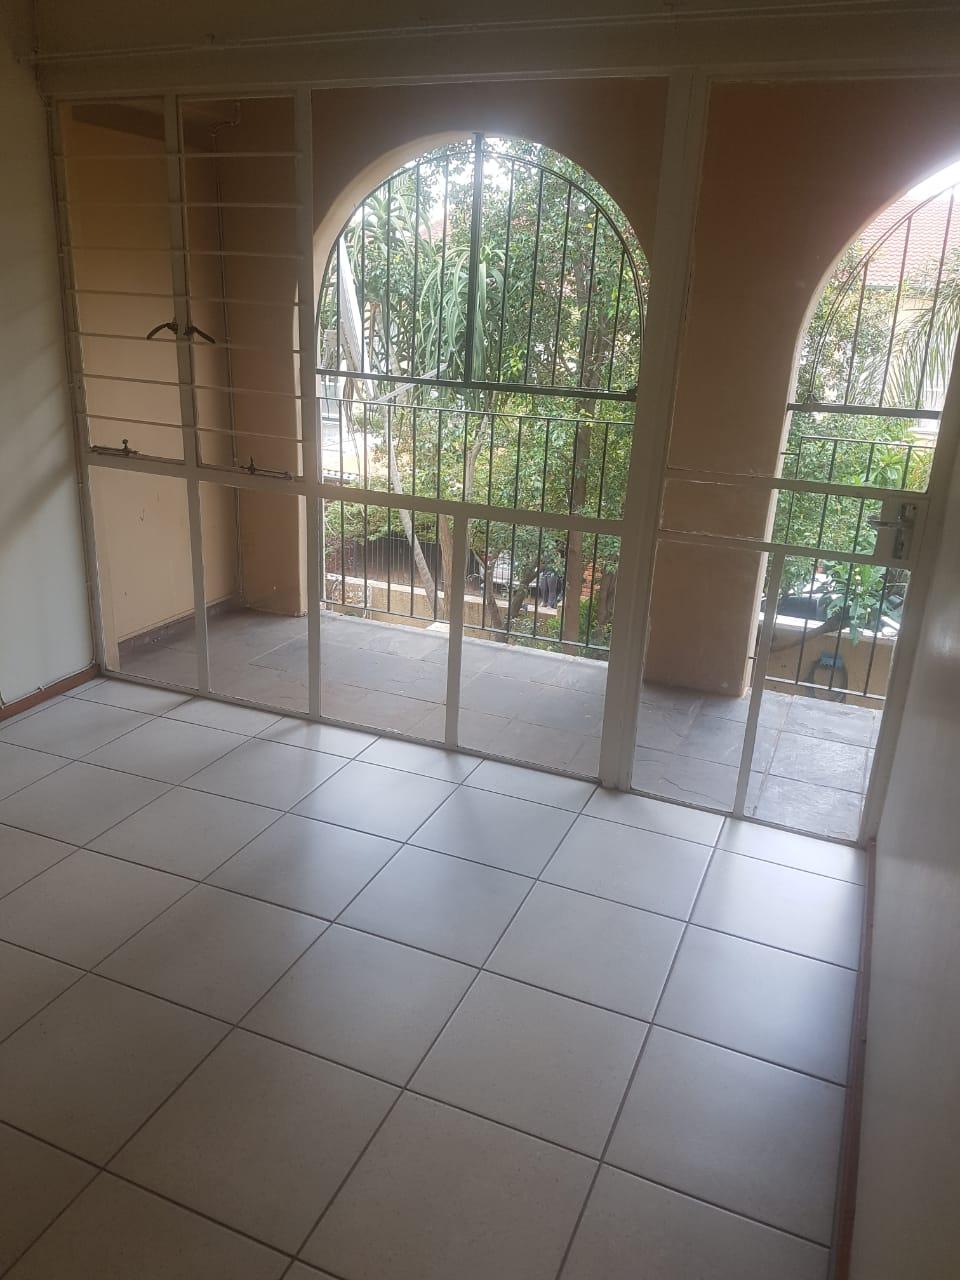 3 bedroom apartment in Lynwood